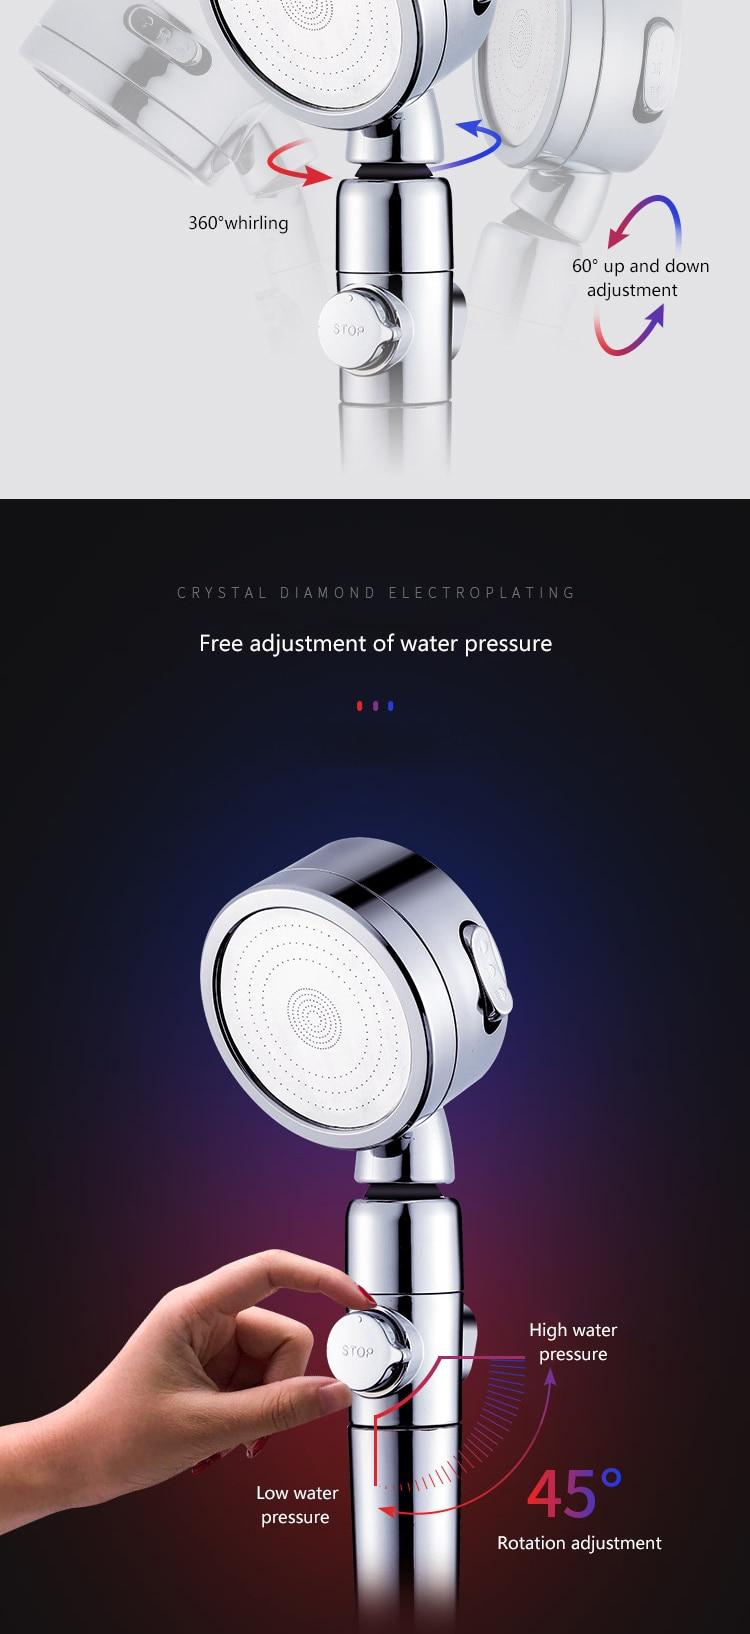 Pommeau de douche haute pression, élément filtrant, pulvérisateur multifonctionnel, économie d'eau, accessoires de salle de bains